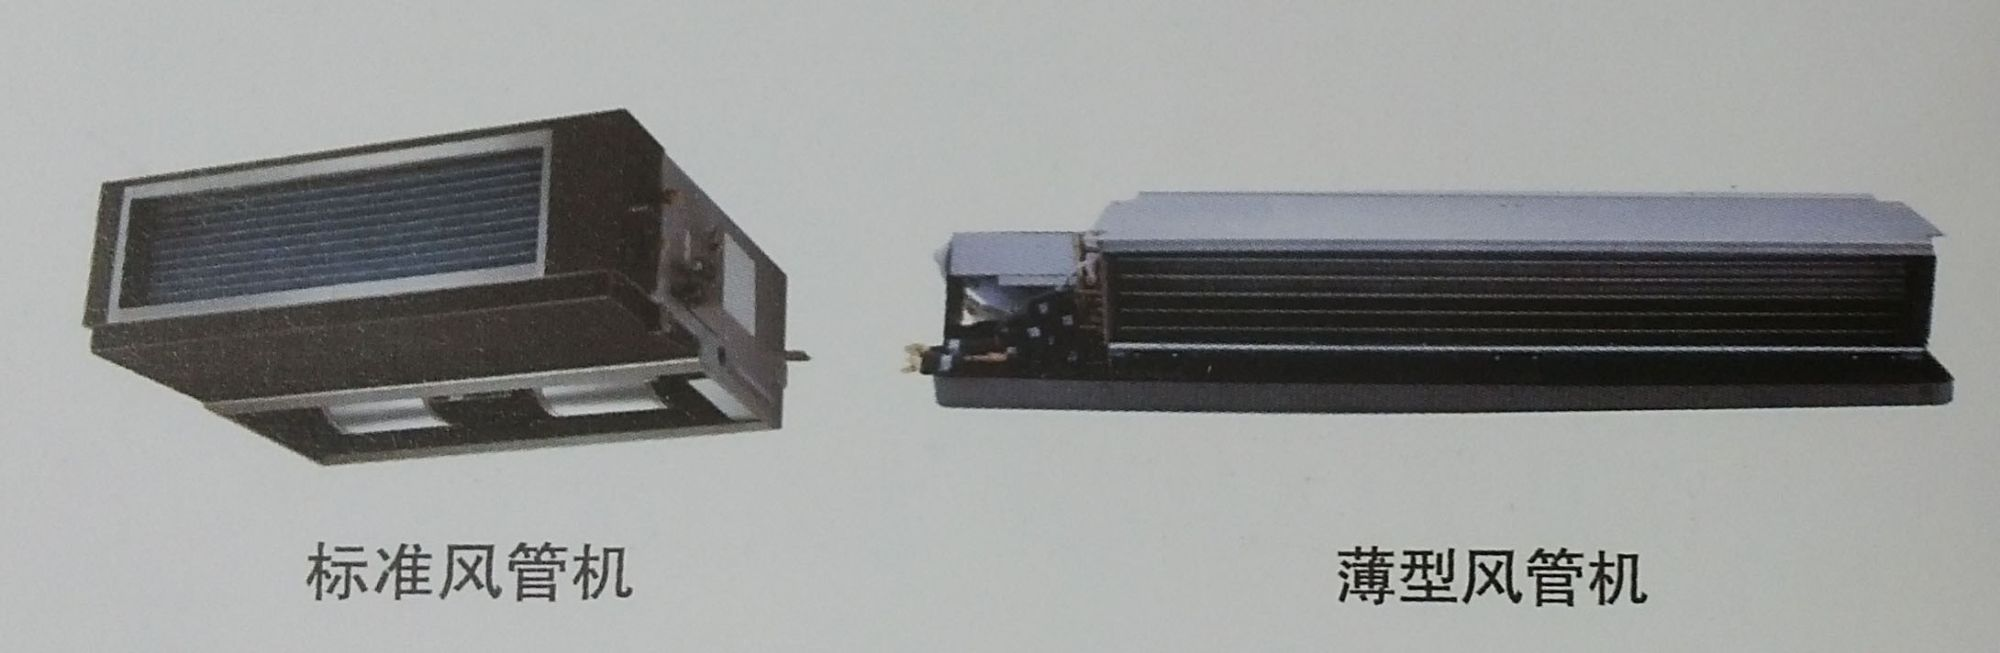 风管式空调系列3